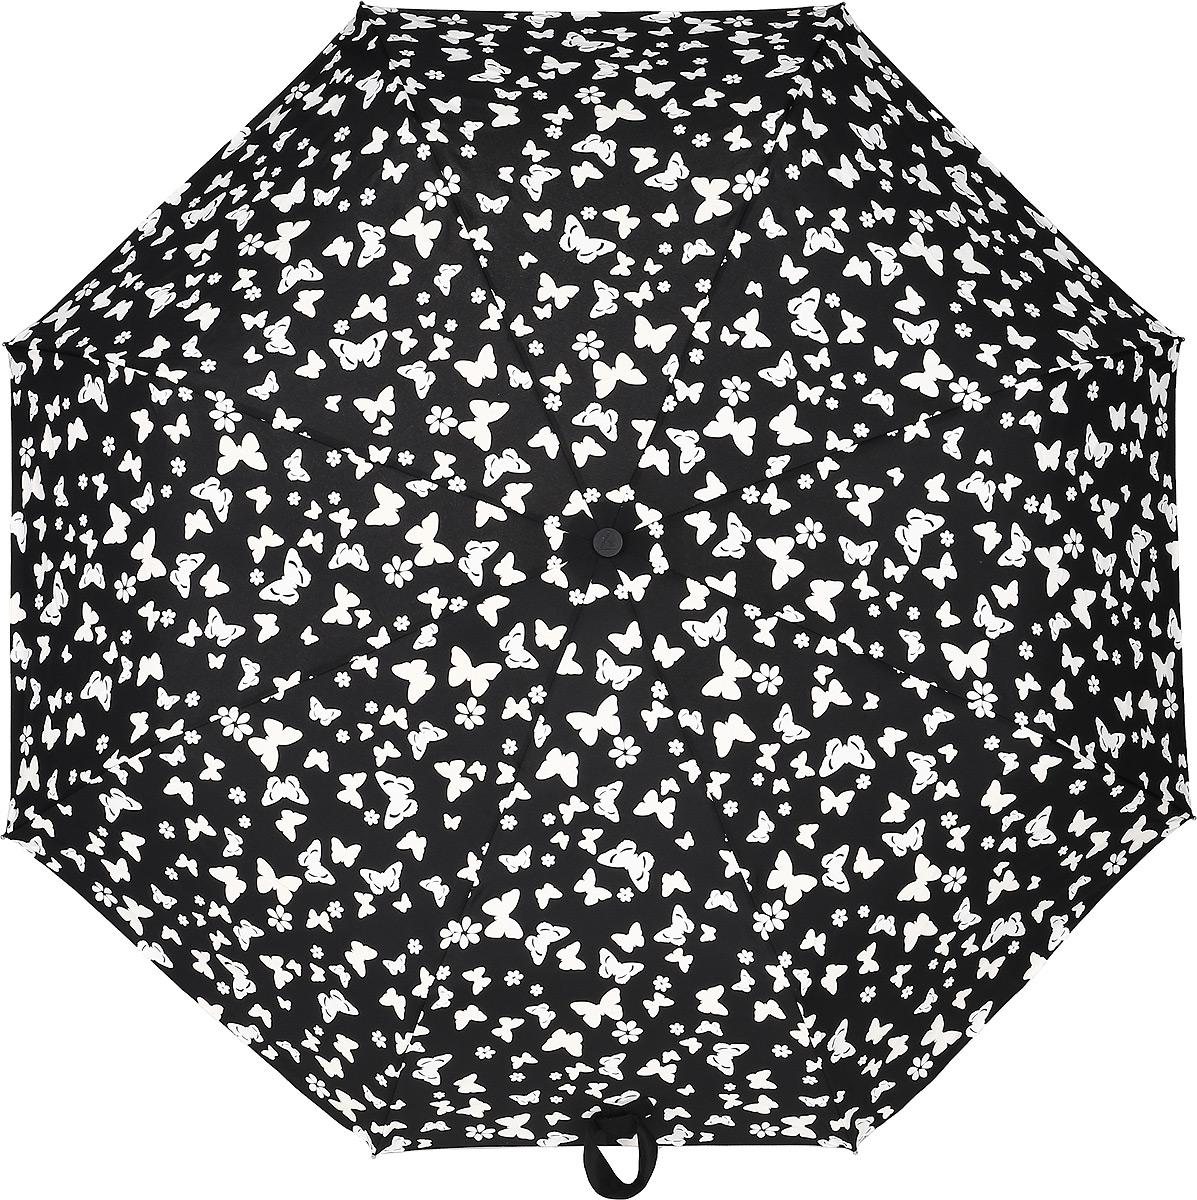 Зонт женский Fulton, механический, 3 сложения, цвет: черный, белый. L779-3391Серьги с подвескамиСтильный механический зонт Fulton имеет 3 сложения, даже в ненастную погоду позволит вам оставаться стильной. Легкий, но в тоже время прочный алюминиевый каркас состоит из восьми спиц с элементами из фибергласса. Купол зонта выполнен из прочного полиэстера с водоотталкивающей пропиткой. Рукоятка закругленной формы, разработанная с учетом требований эргономики, выполнена из каучука. Зонт имеет механический способ сложения: и купол, и стержень открываются и закрываются вручную до характерного щелчка.